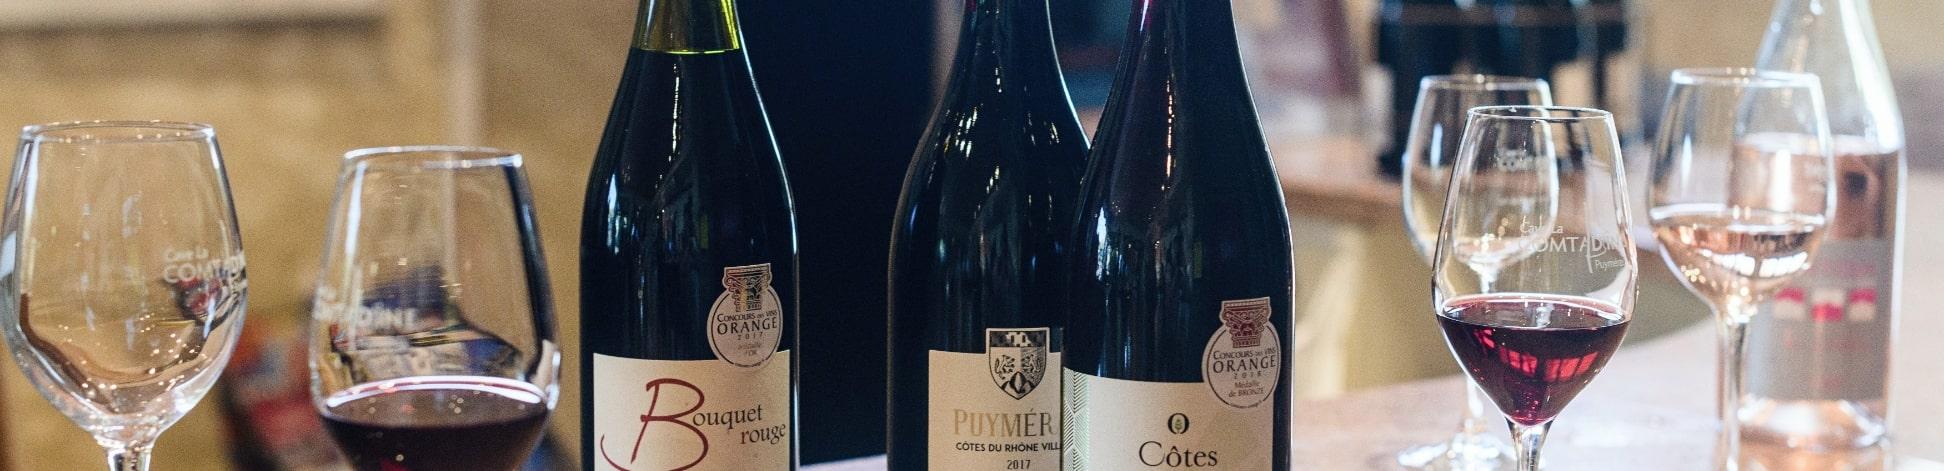 Photos bouteilles vin rouge et verres sur une table